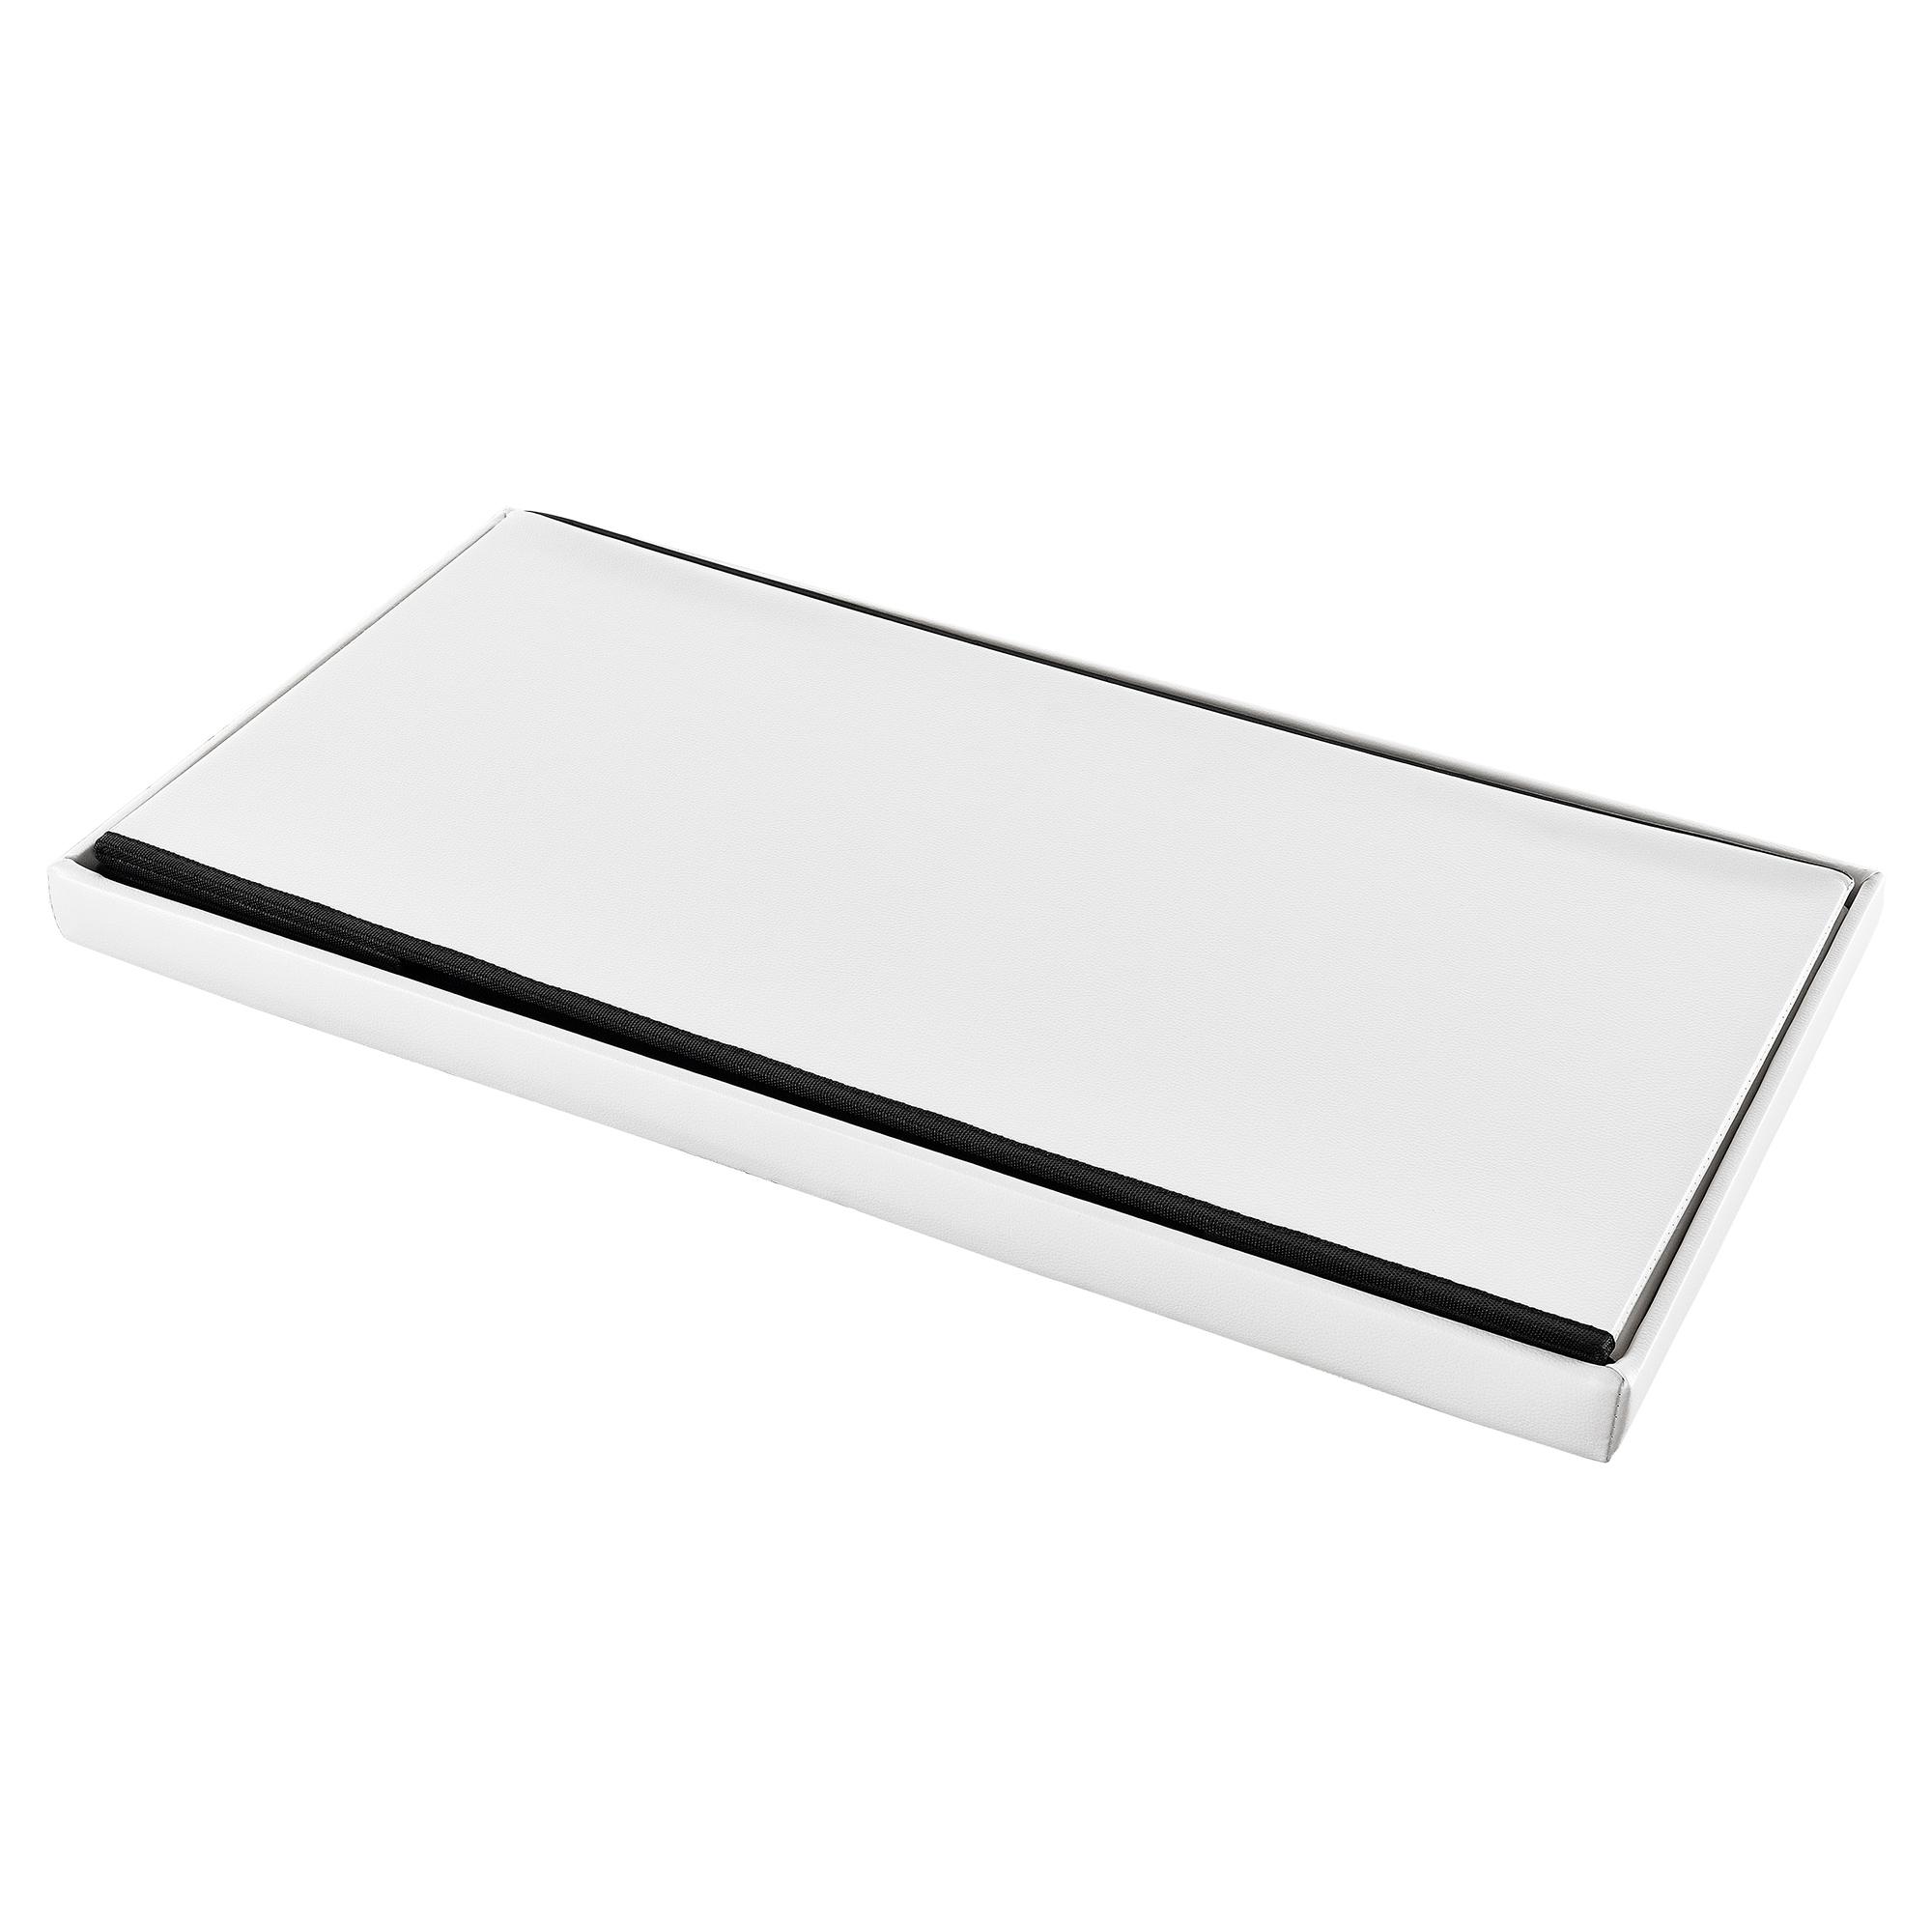 sitzbank wei 76x38x38cm sitz hocker aufbewahrungsbox truhe. Black Bedroom Furniture Sets. Home Design Ideas